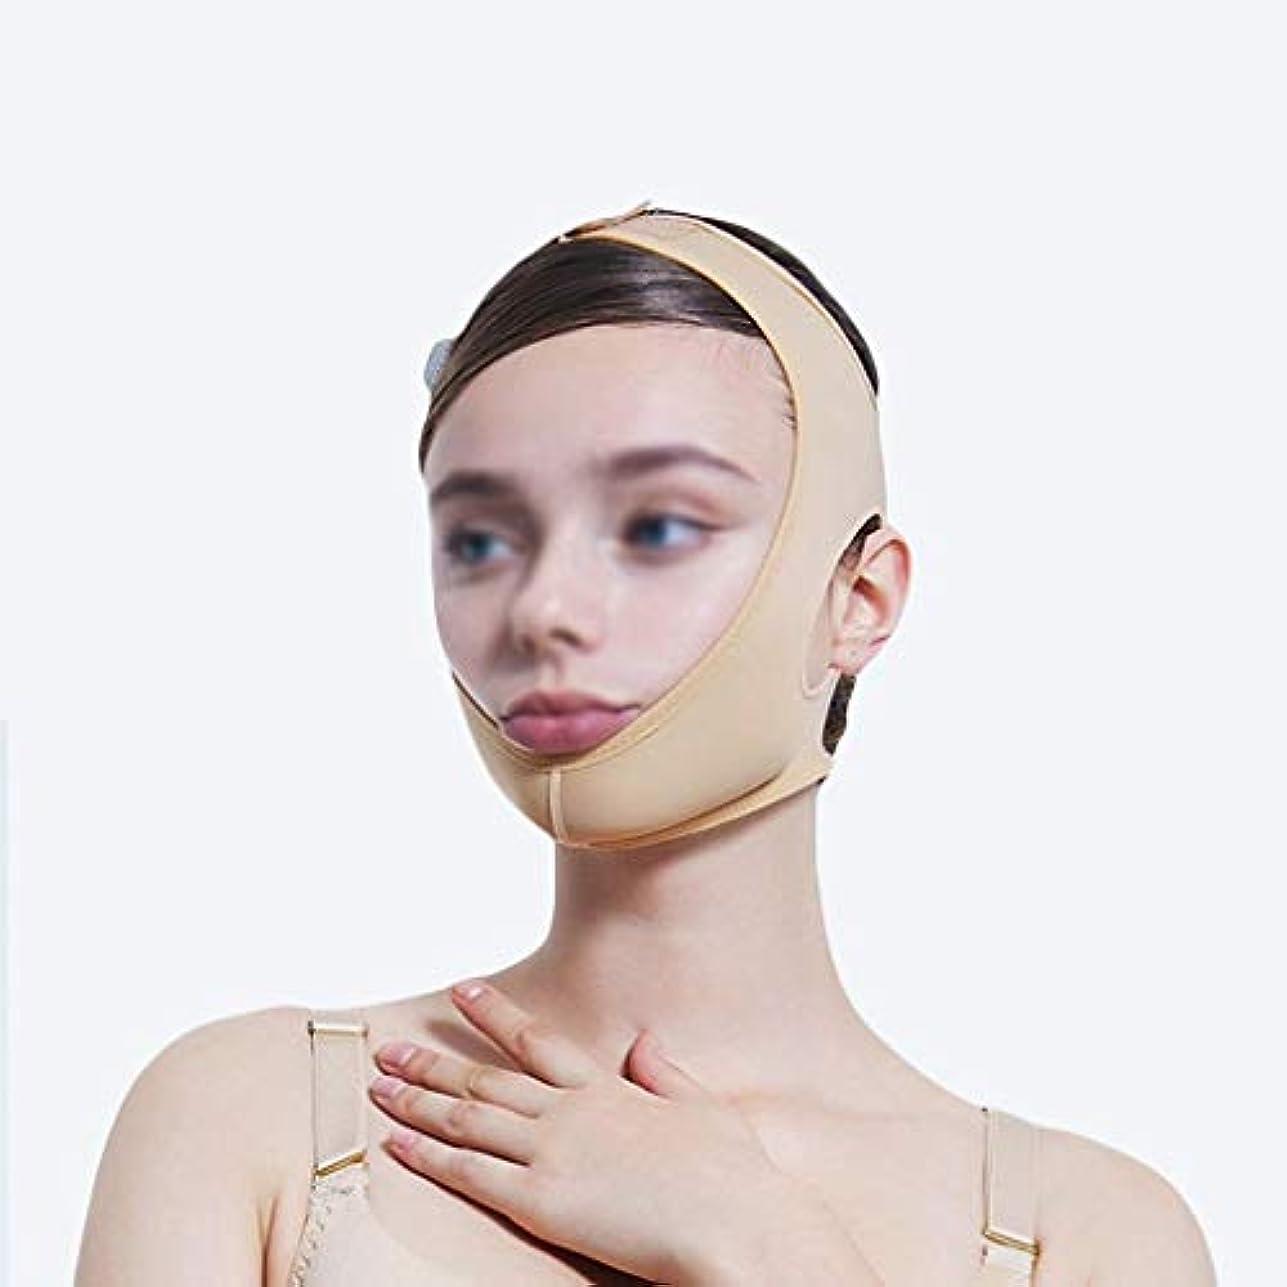 啓発する熟練したコーンフェイシャルライン、頬、しわ防止フェイシャル減量、フェイスバンド、フェイスマスク、フェイスリフティング、通気性、ダブルチンストラップ(サイズ:XXL),M